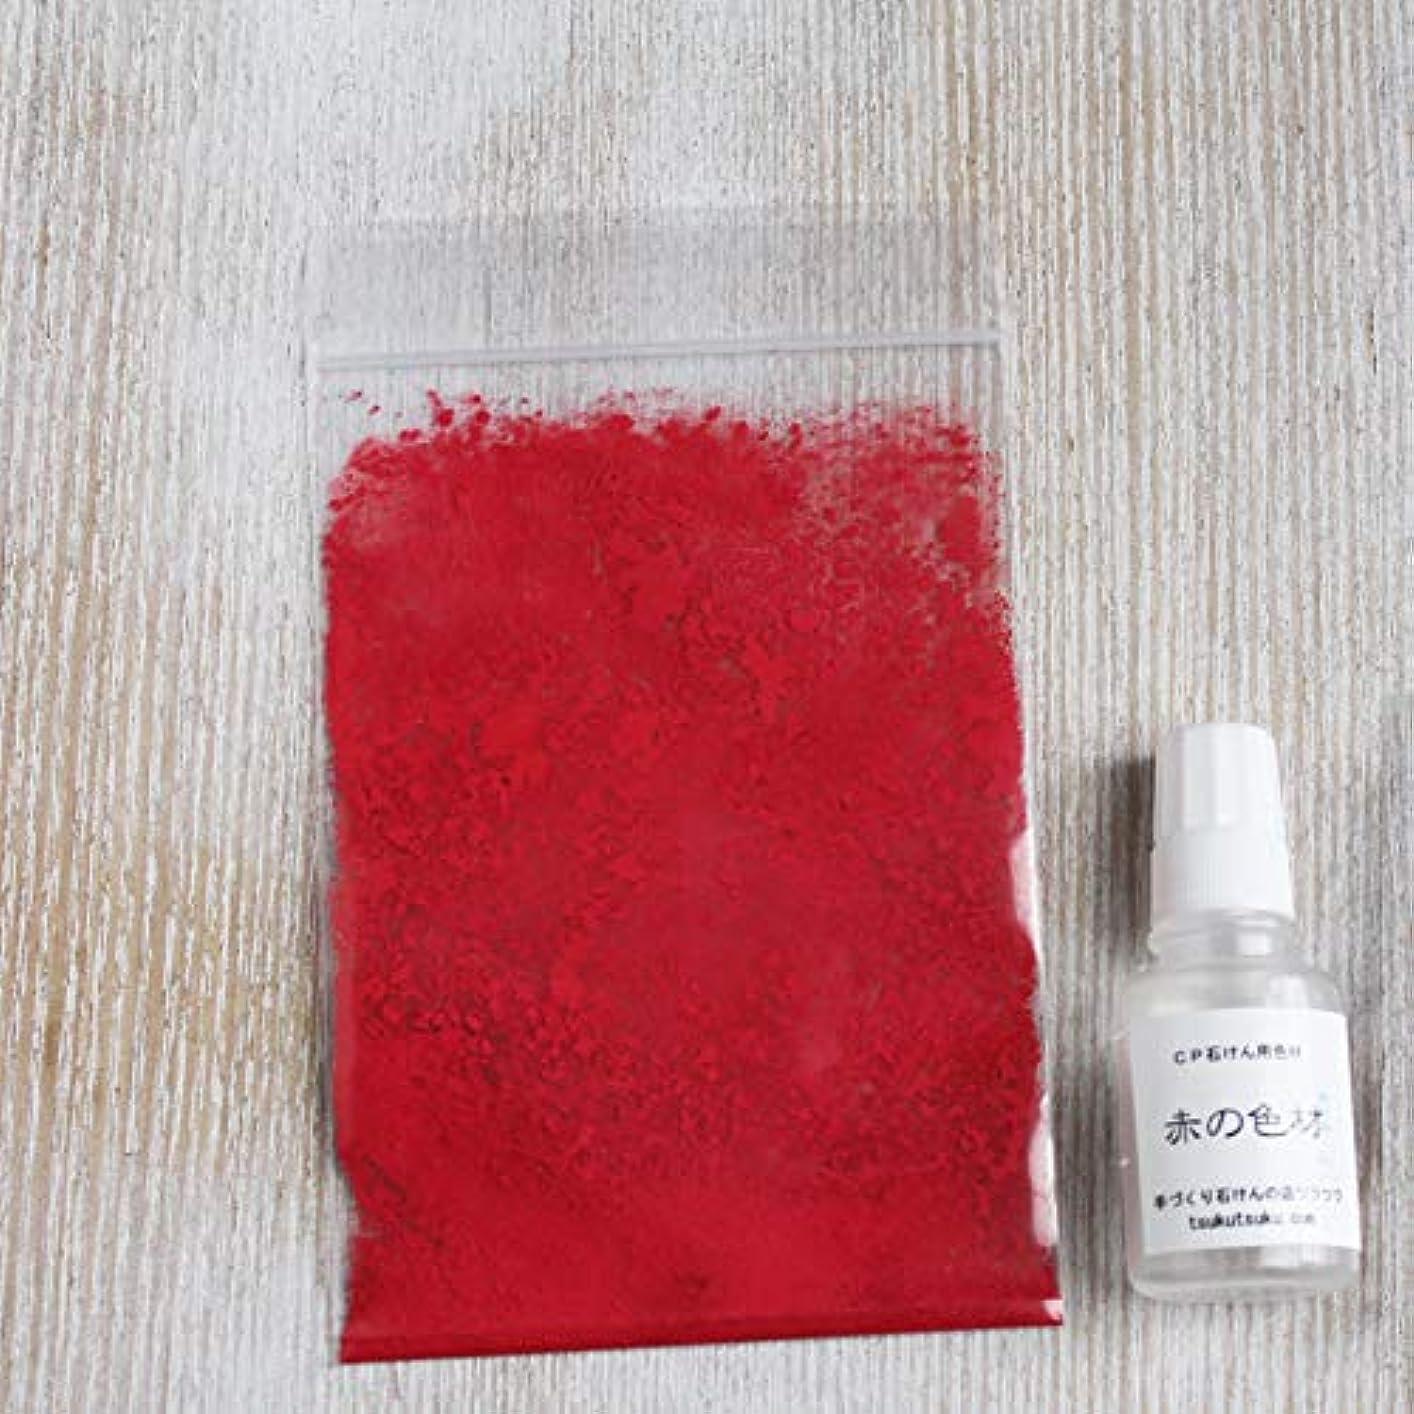 後ろに聖域がっかりしたCP石けん用色材 赤の色材キット/手作り石けん?手作り化粧品材料